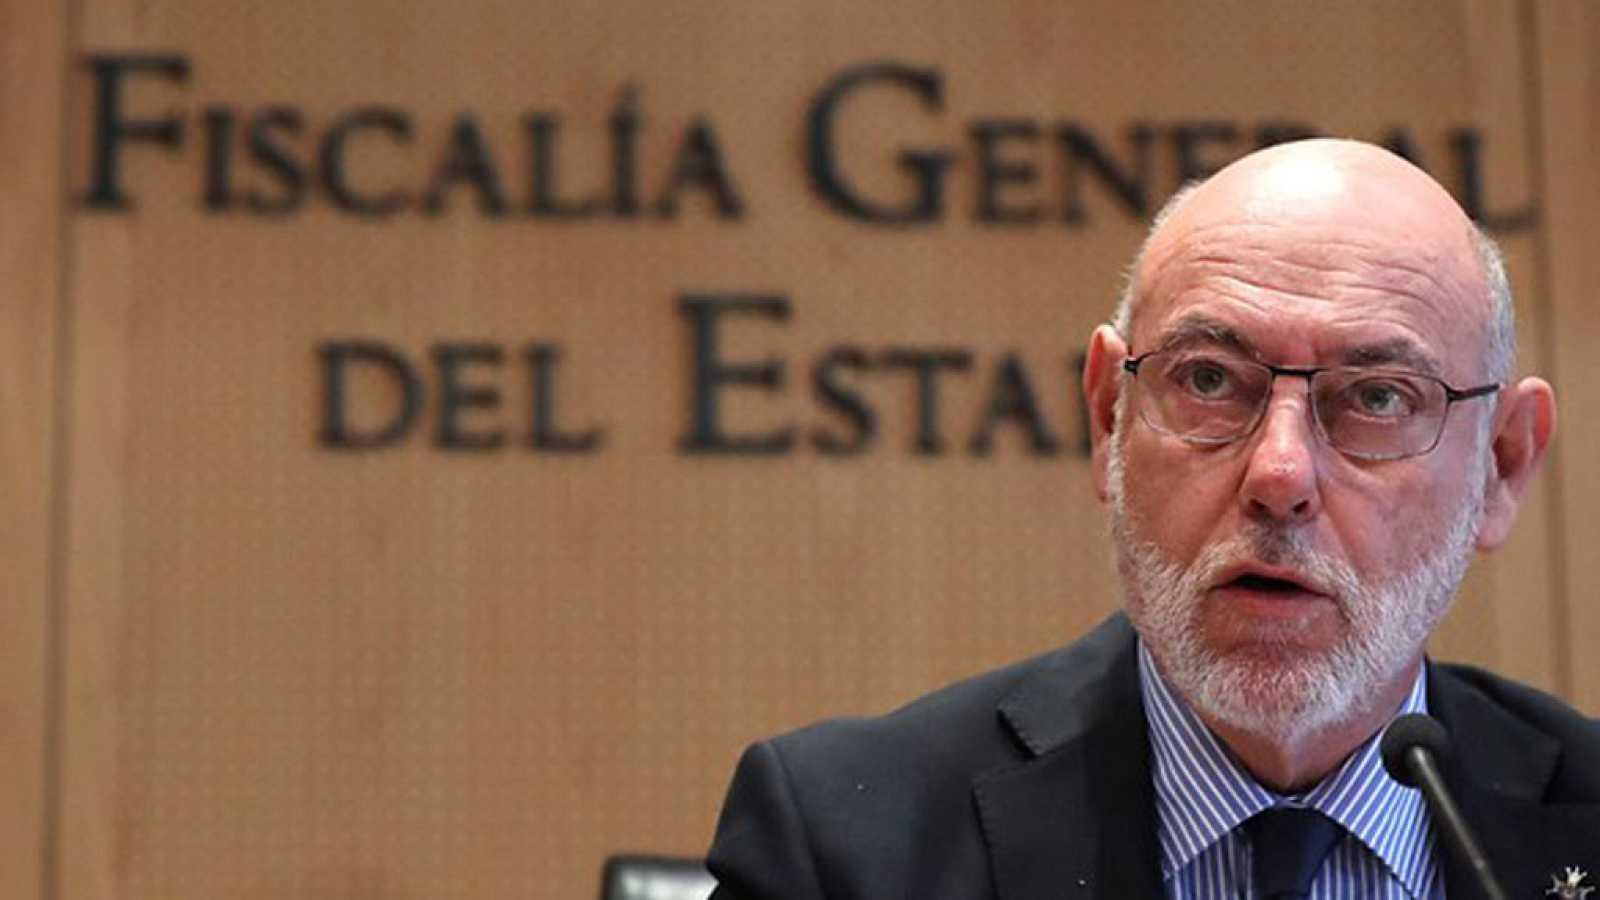 La Fiscalía se querella por rebelión, sedición y malversación contra Puigdemont, el Govern, Forcadell y la Mesa del Parlament